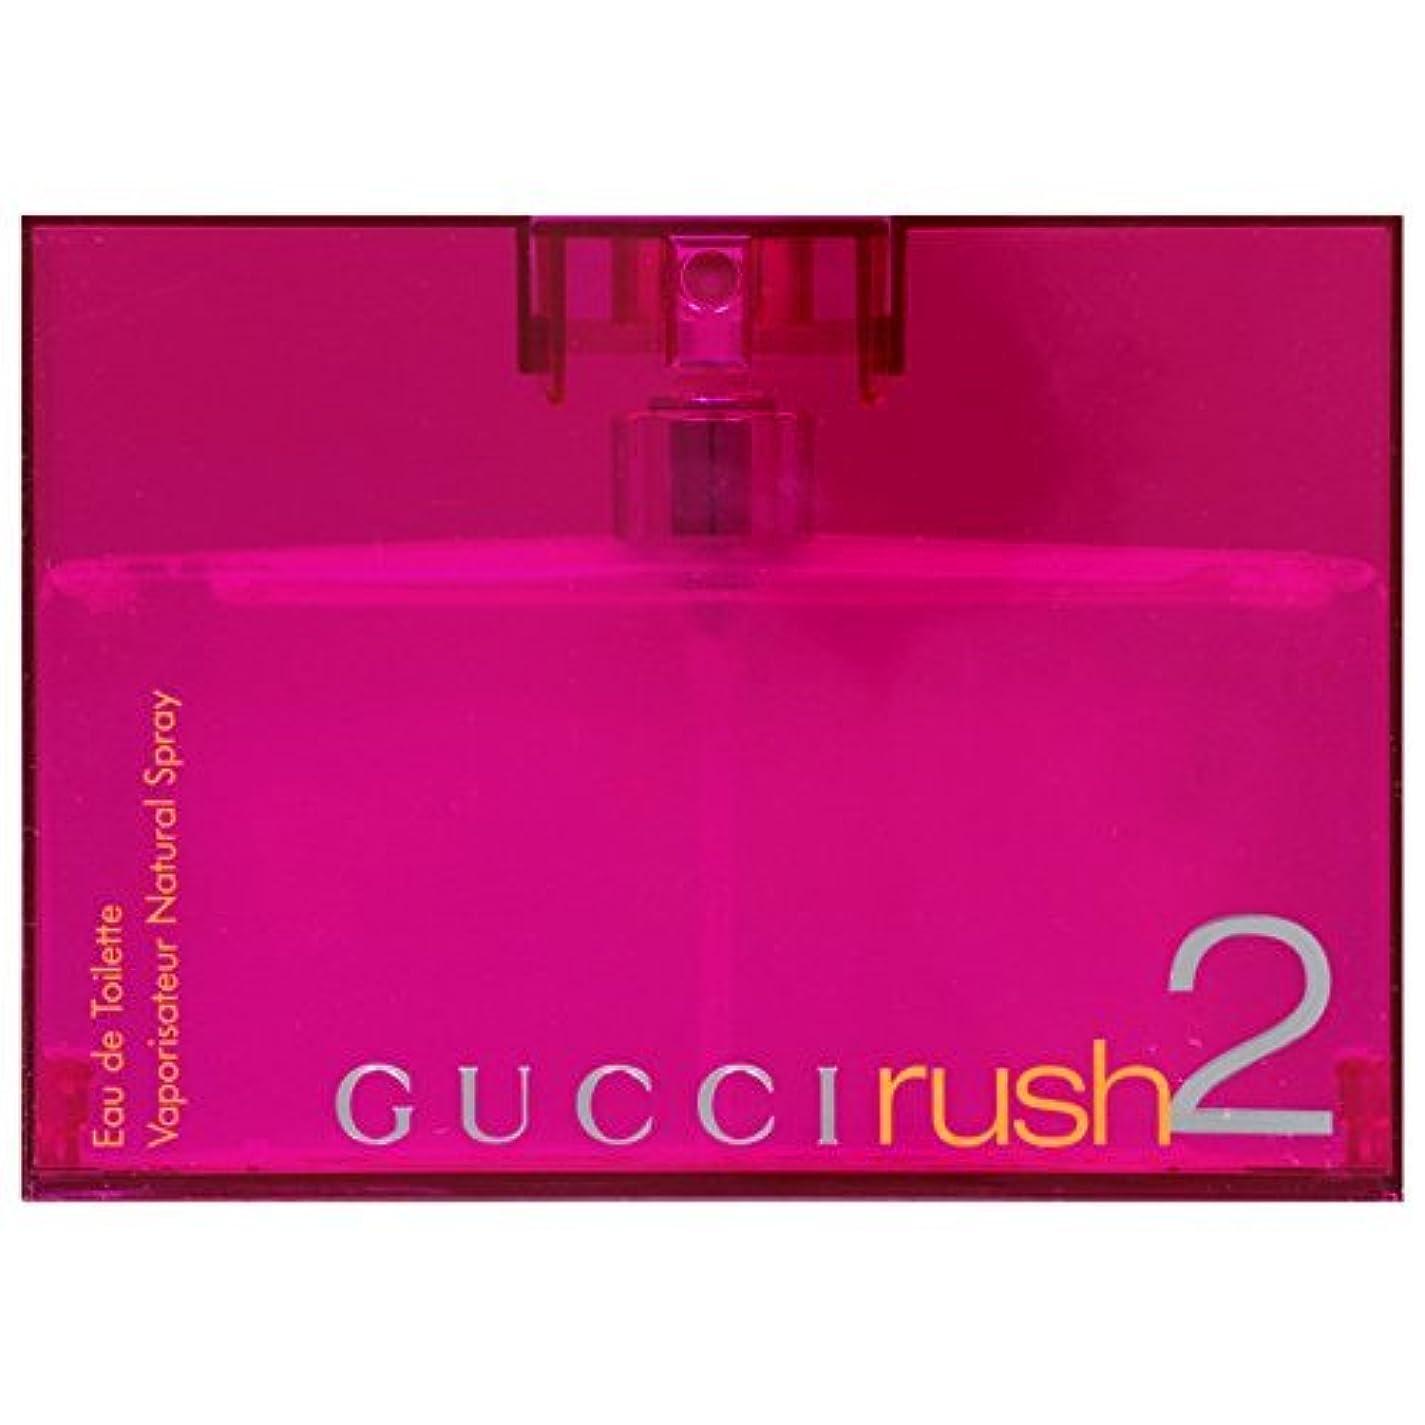 レッスン変換するベッドグッチ ラッシュ2オードトワレスプレーEDT30ml GUCCI RUSH2 EDT